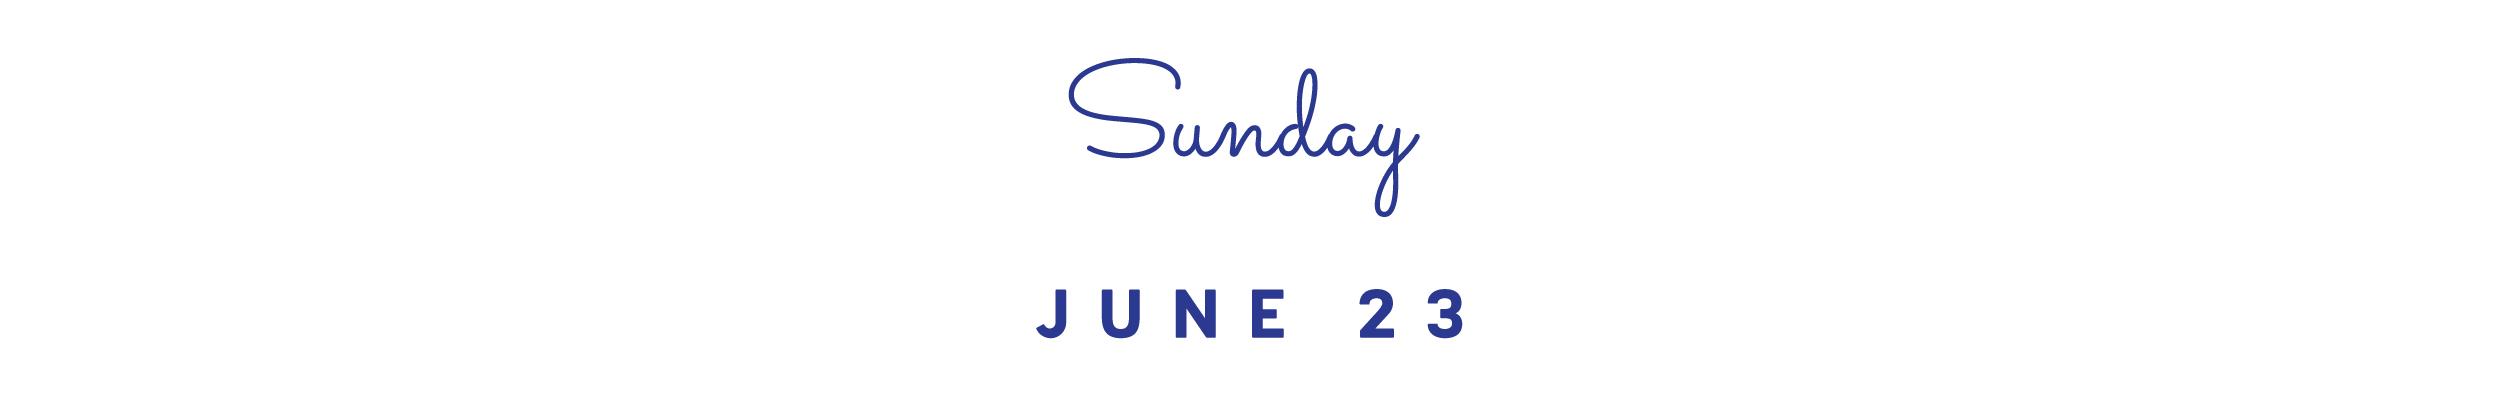 L&C_Web_Title_June-23.jpg